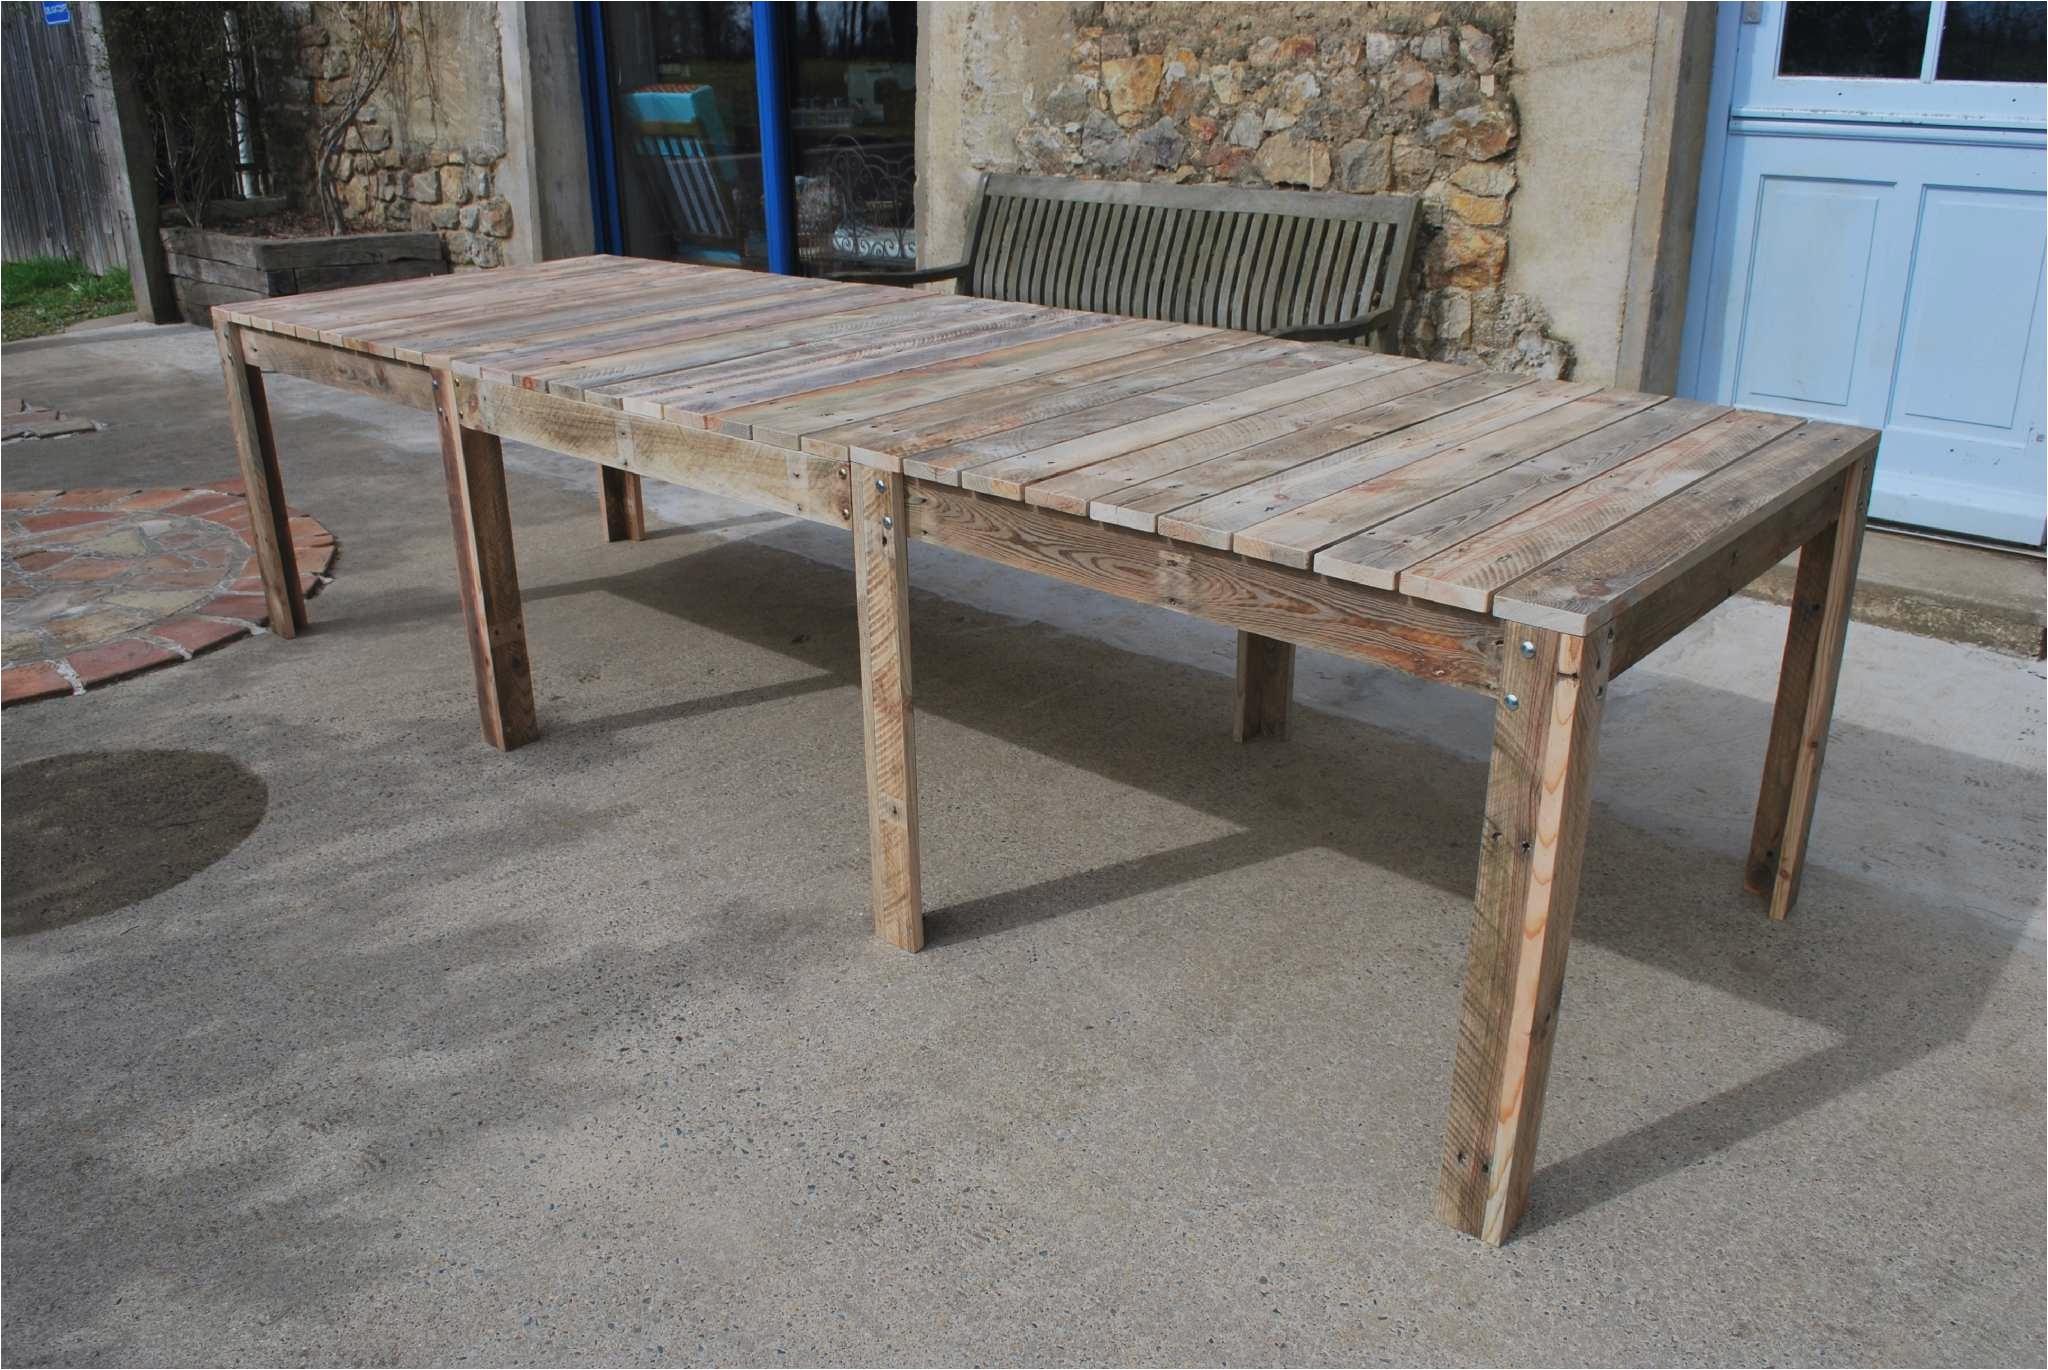 Fabriquer Table De Jardin Schème - Idees Conception Jardin avec Plan Pour Fabriquer Une Table De Jardin En Bois